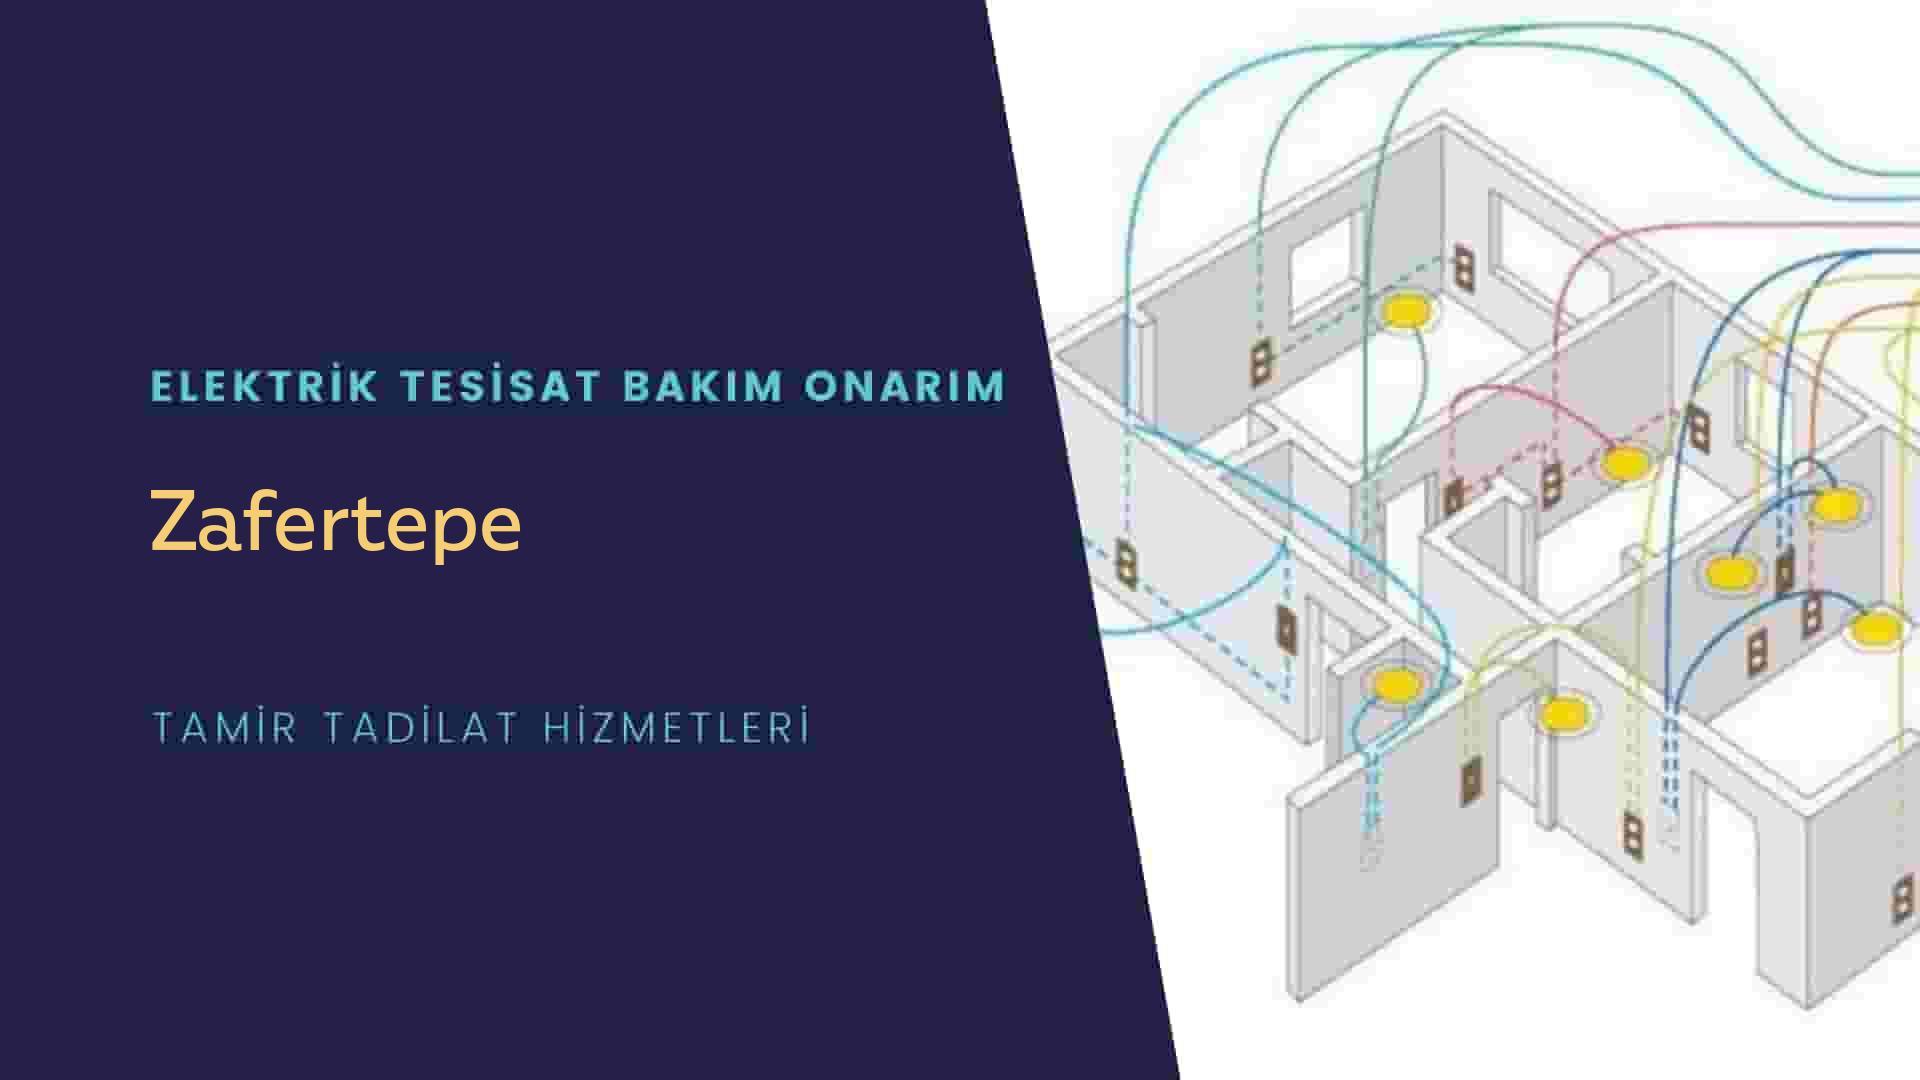 Zafertepe'de elektrik tesisatıustalarımı arıyorsunuz doğru adrestenizi Zafertepe elektrik tesisatı ustalarımız 7/24 sizlere hizmet vermekten mutluluk duyar.